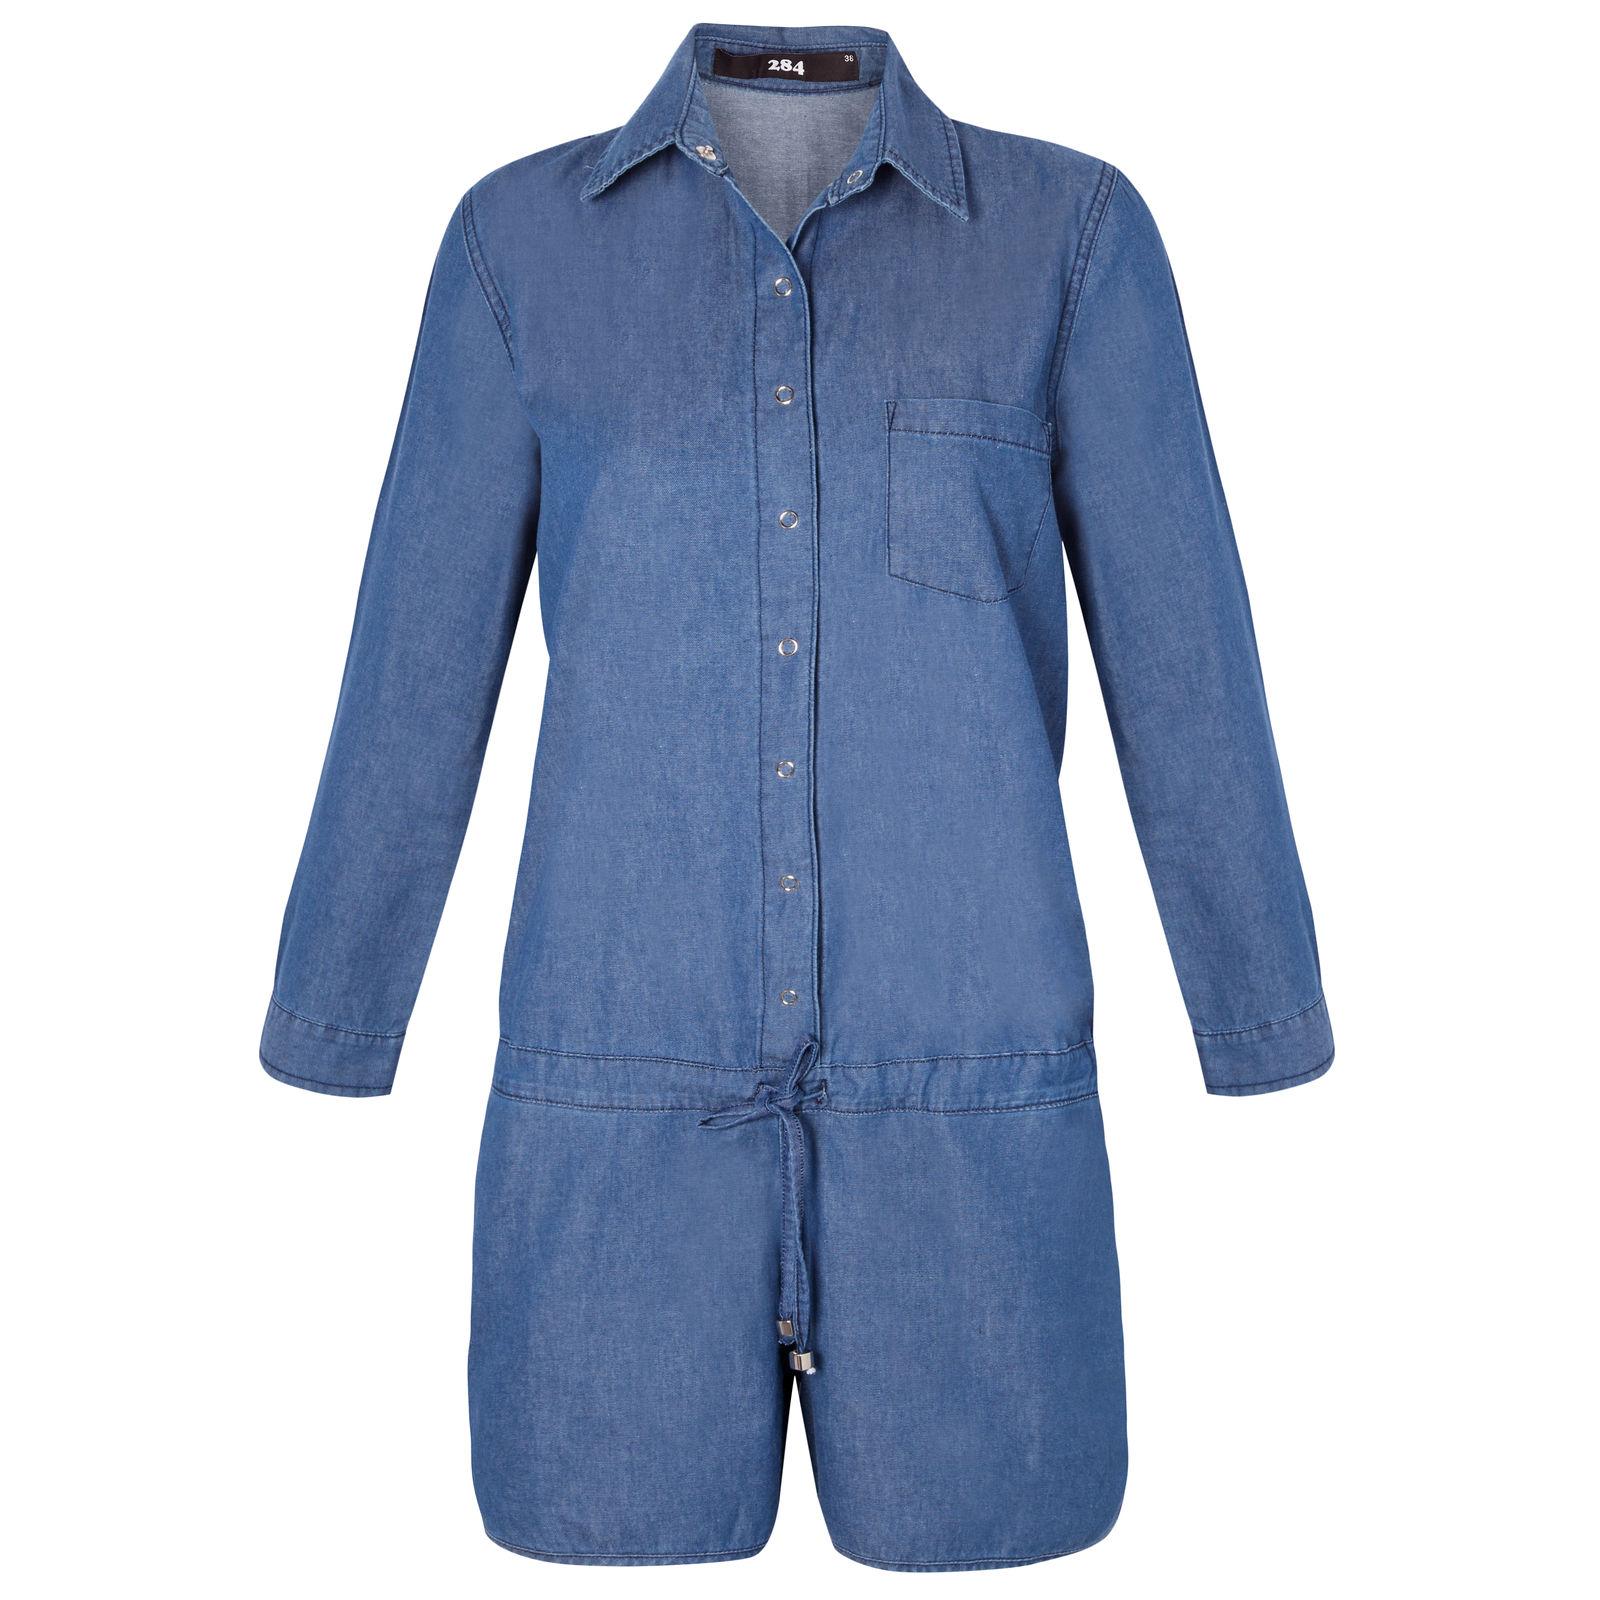 Macaquinho Jeans Boyish 284 - Azul